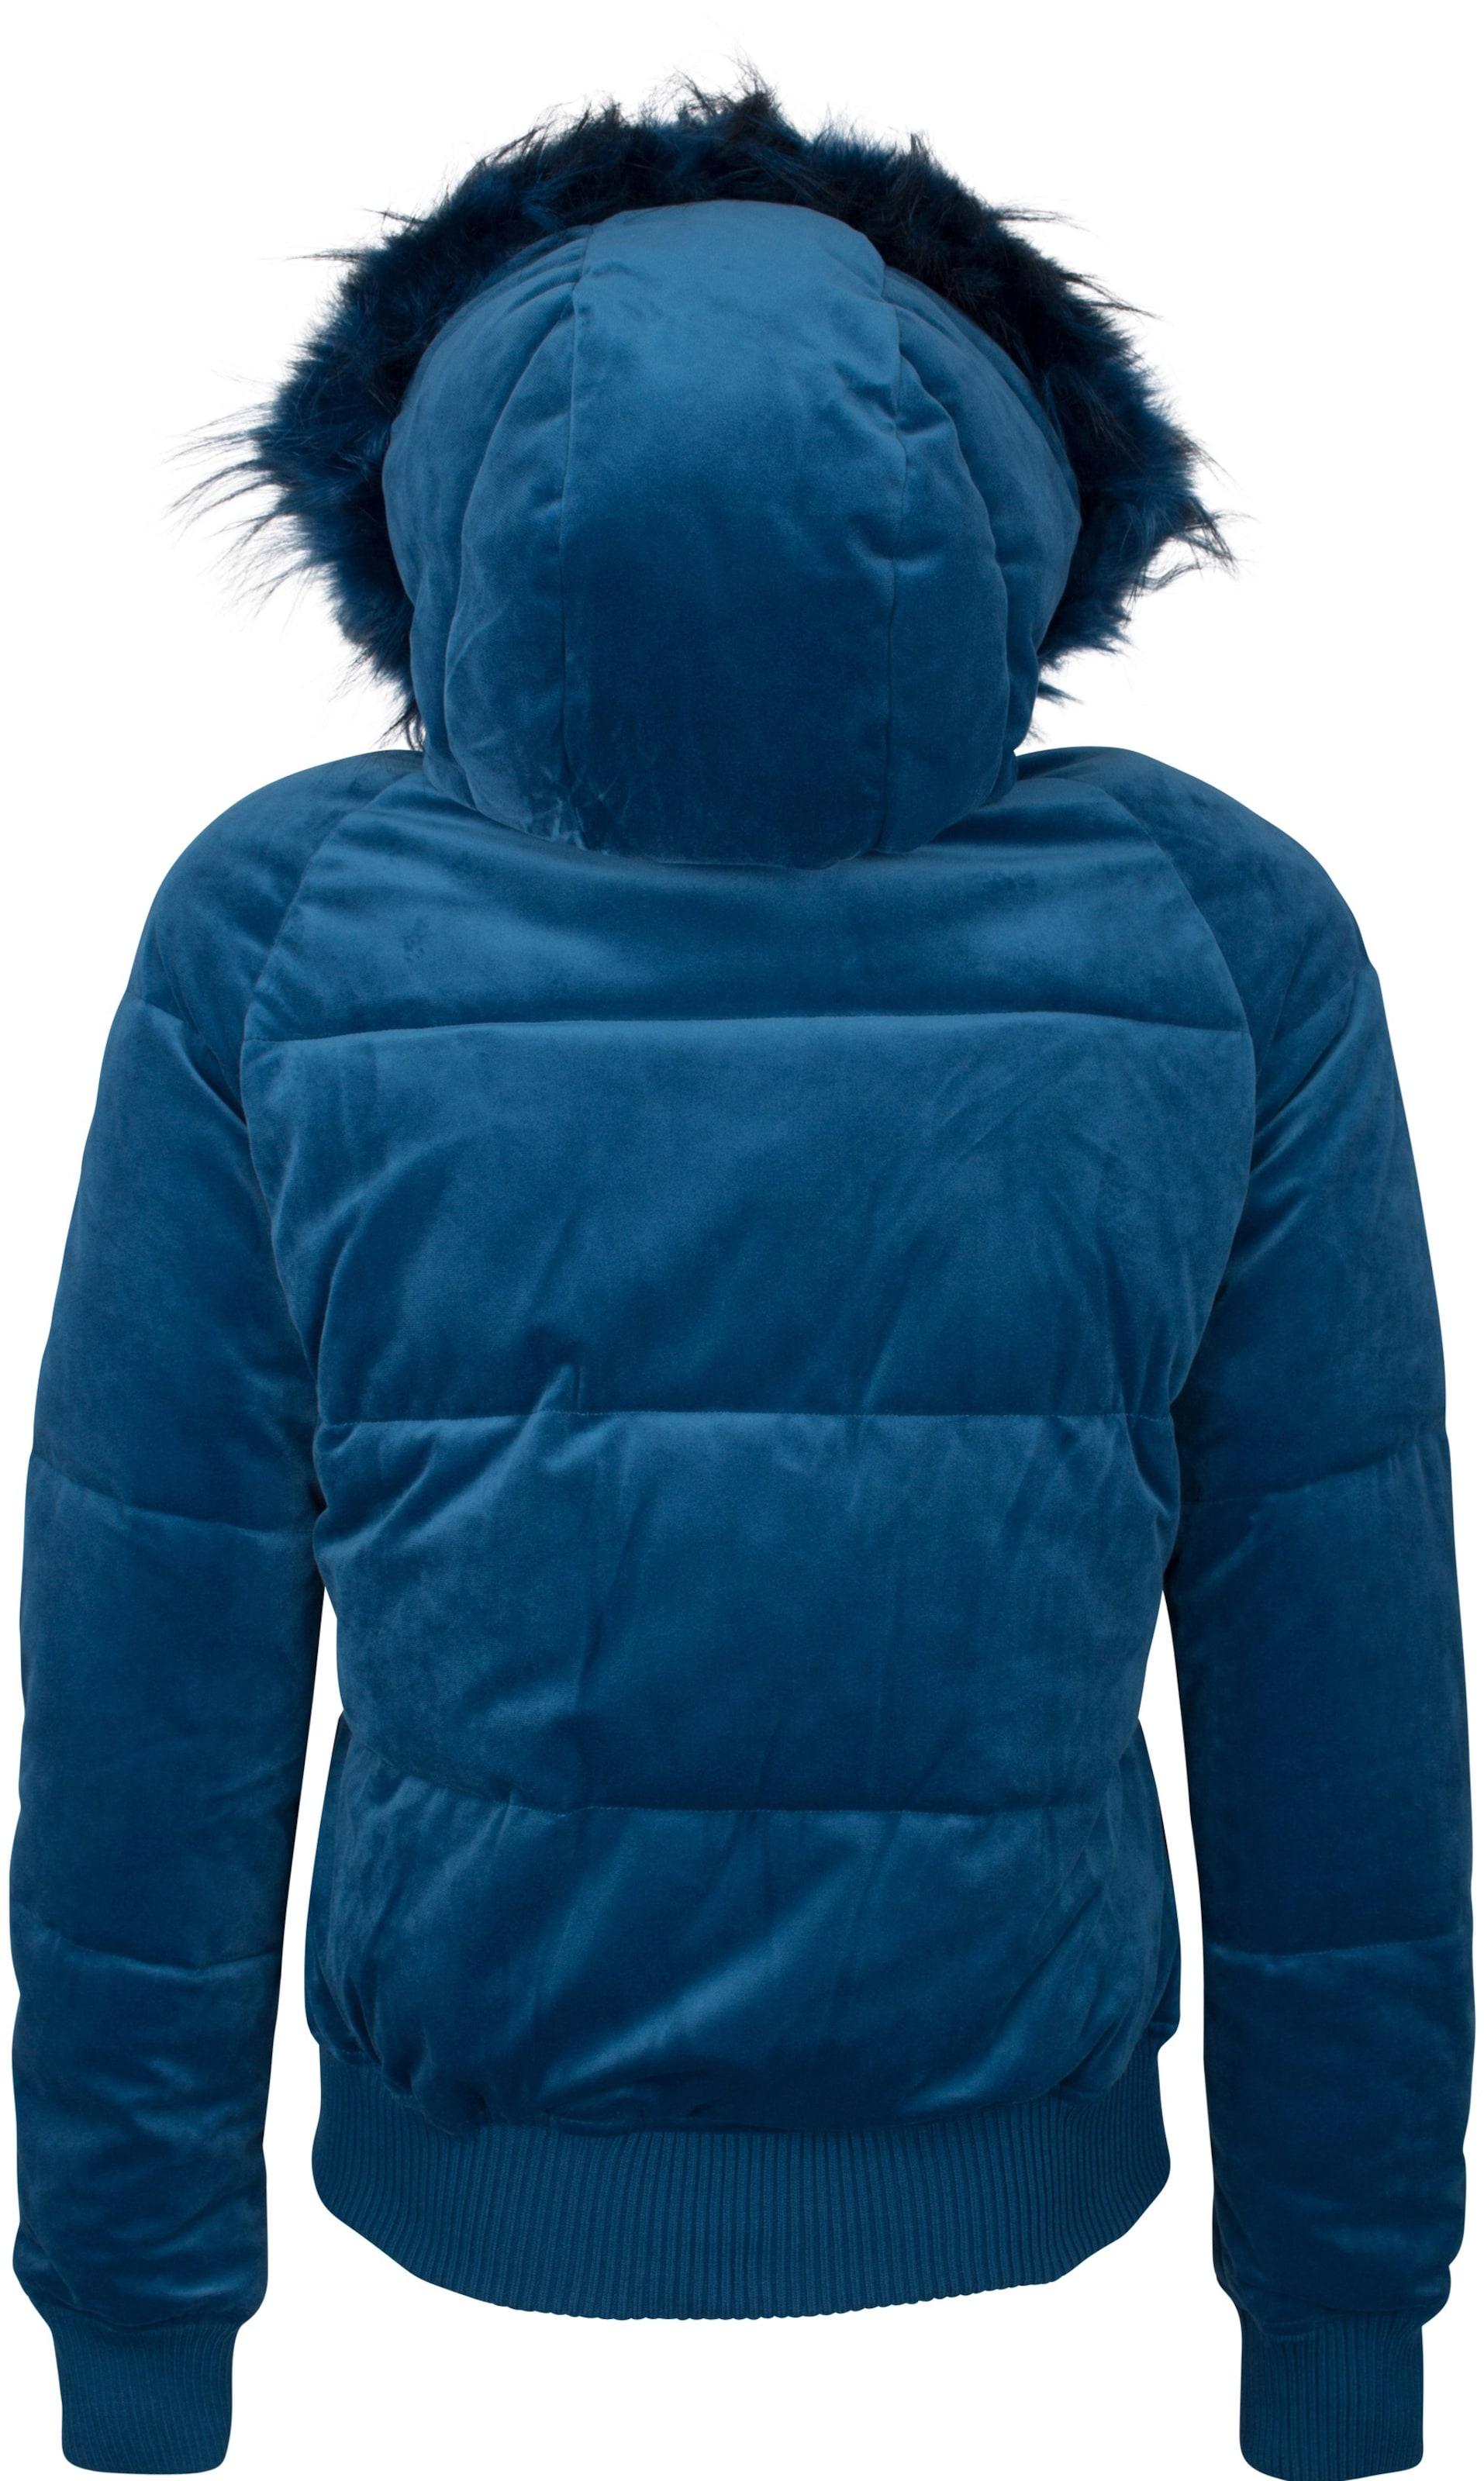 Bleu D'hiver Dry En Laundry Veste rdCWxBoQe